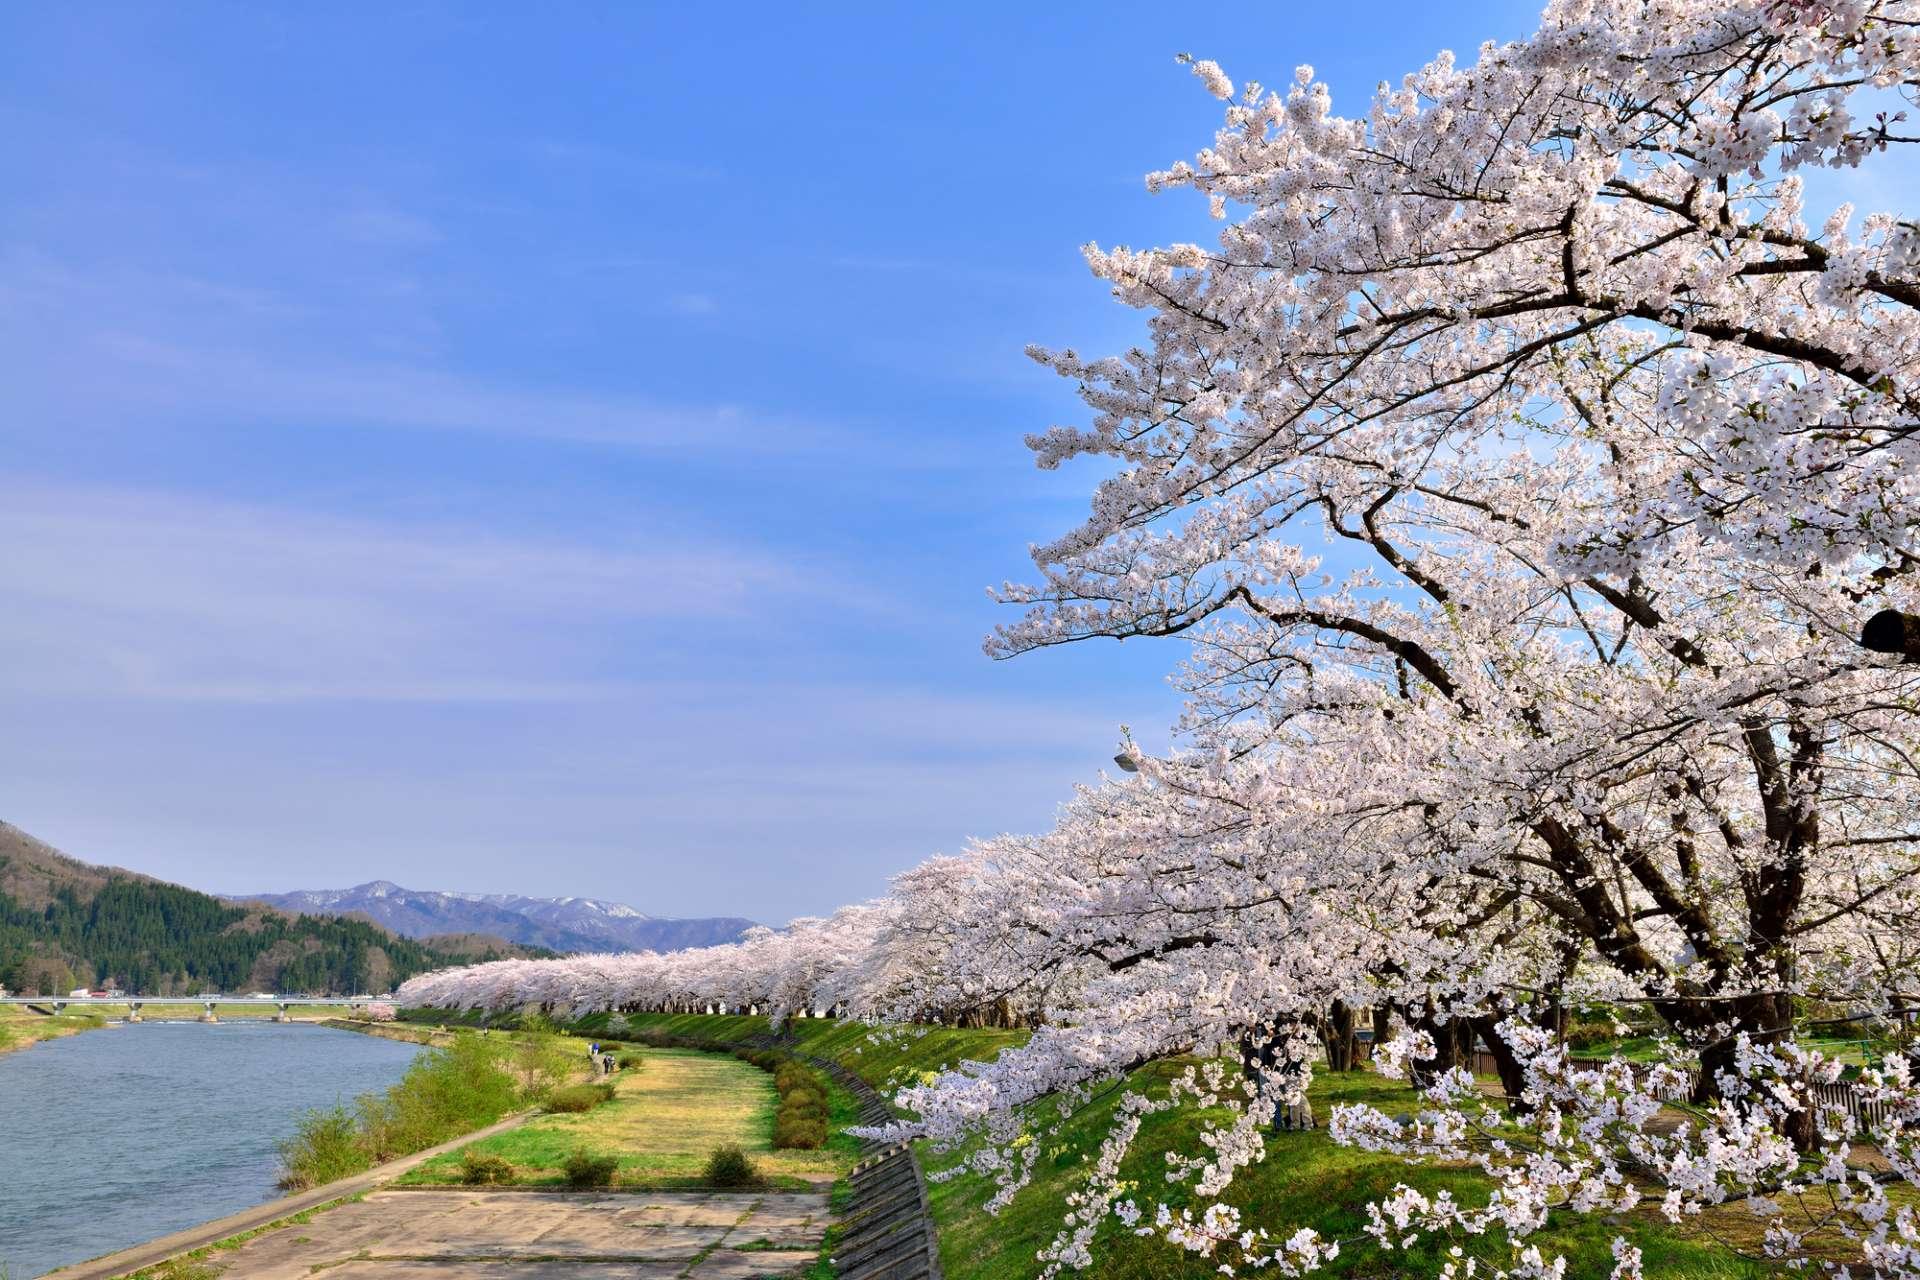 殘雪猶存的群山與櫻花相互輝映的檜木內川美景